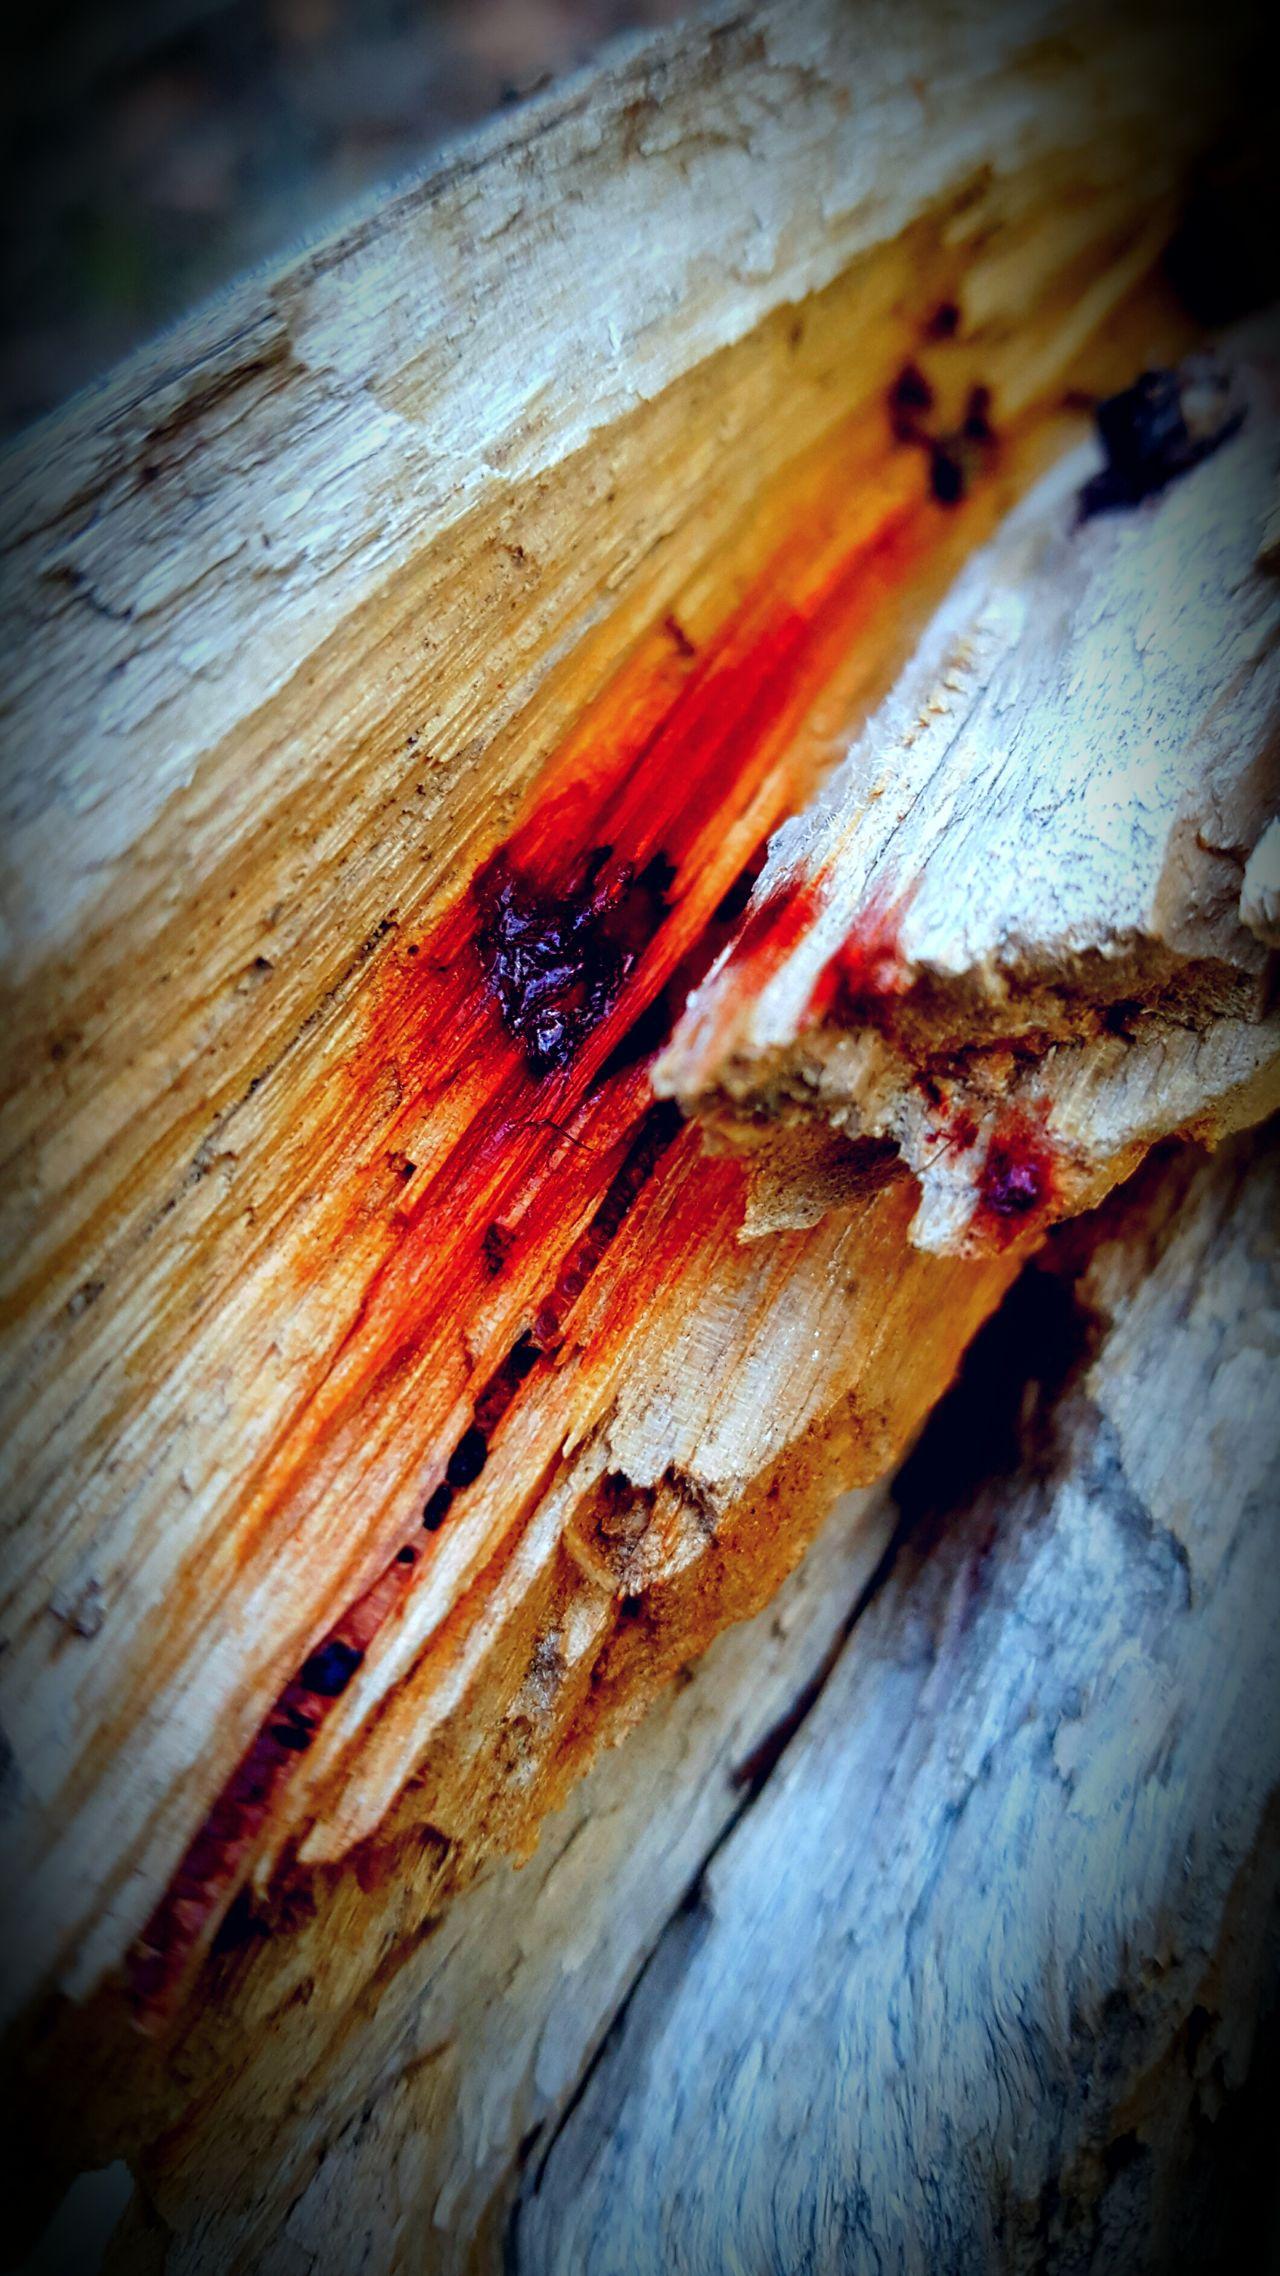 Fallen Tree Bleeding Contrast Alive  On The Inside Dead Tree